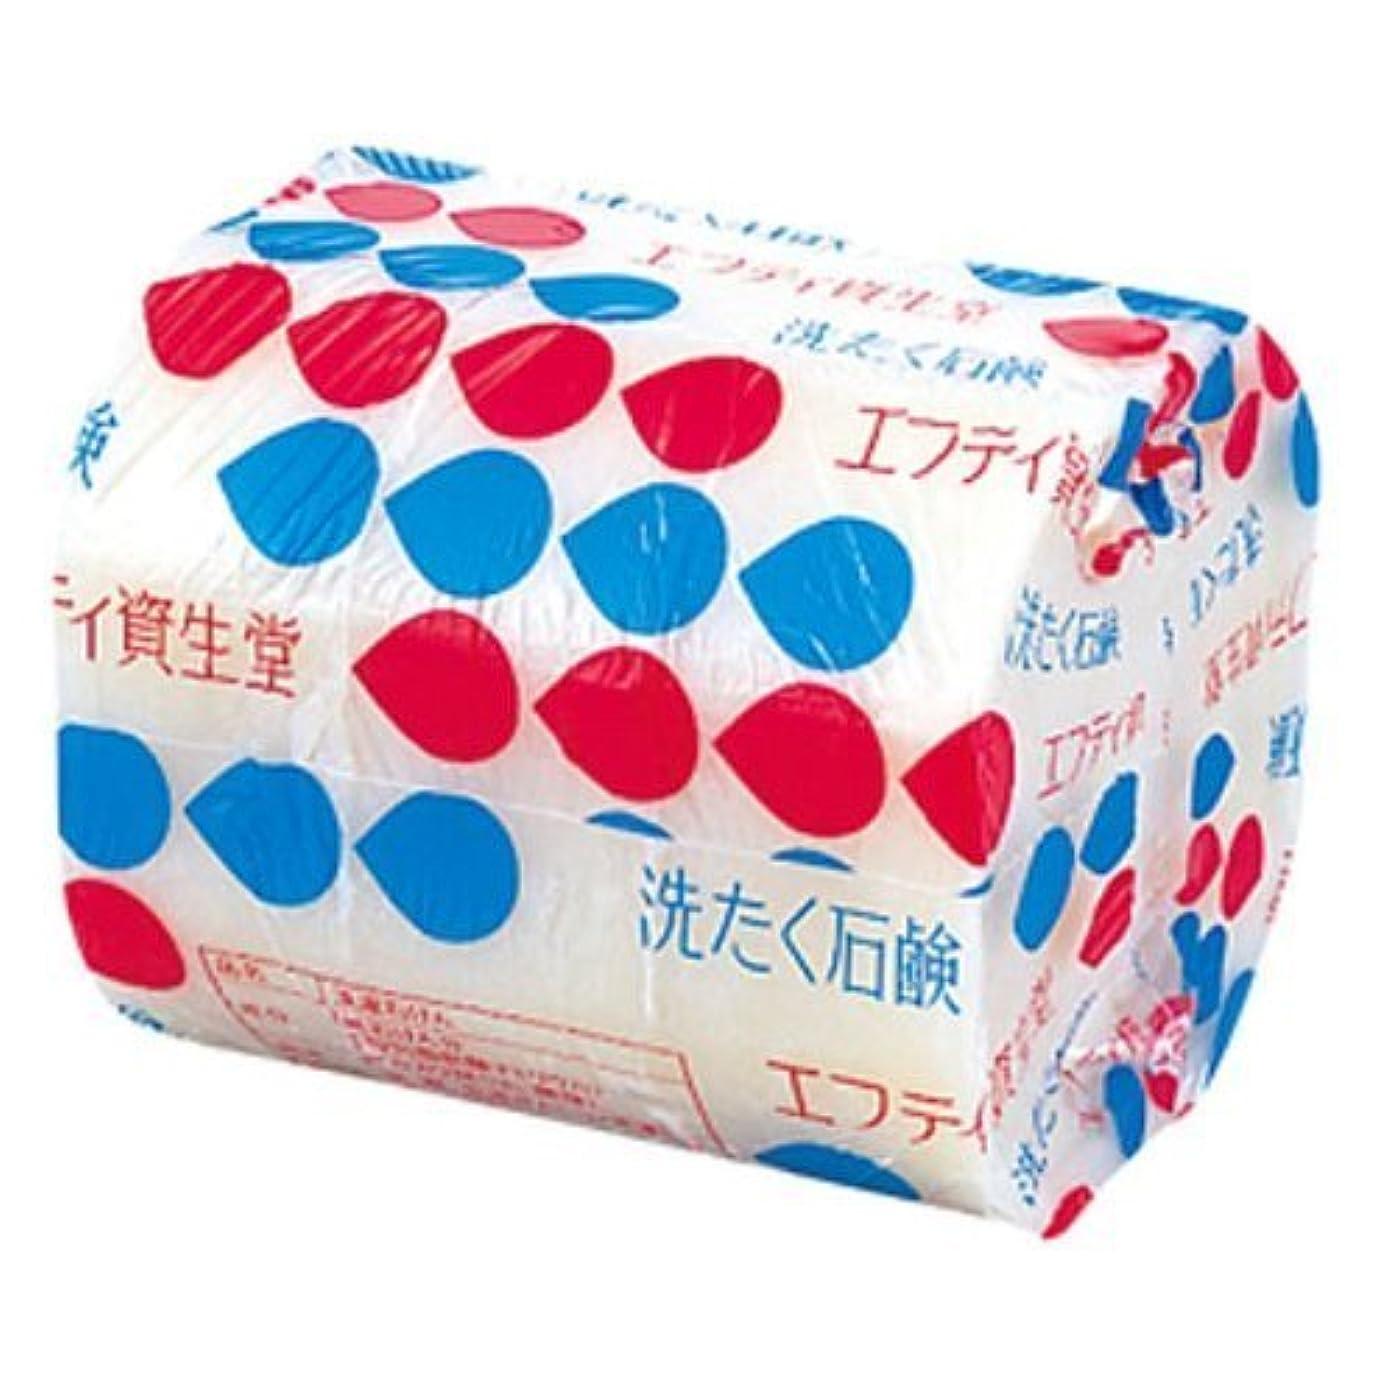 見捨てる結婚した拍手【資生堂】エフティ資生堂洗たく石鹸花椿型3コパック200g